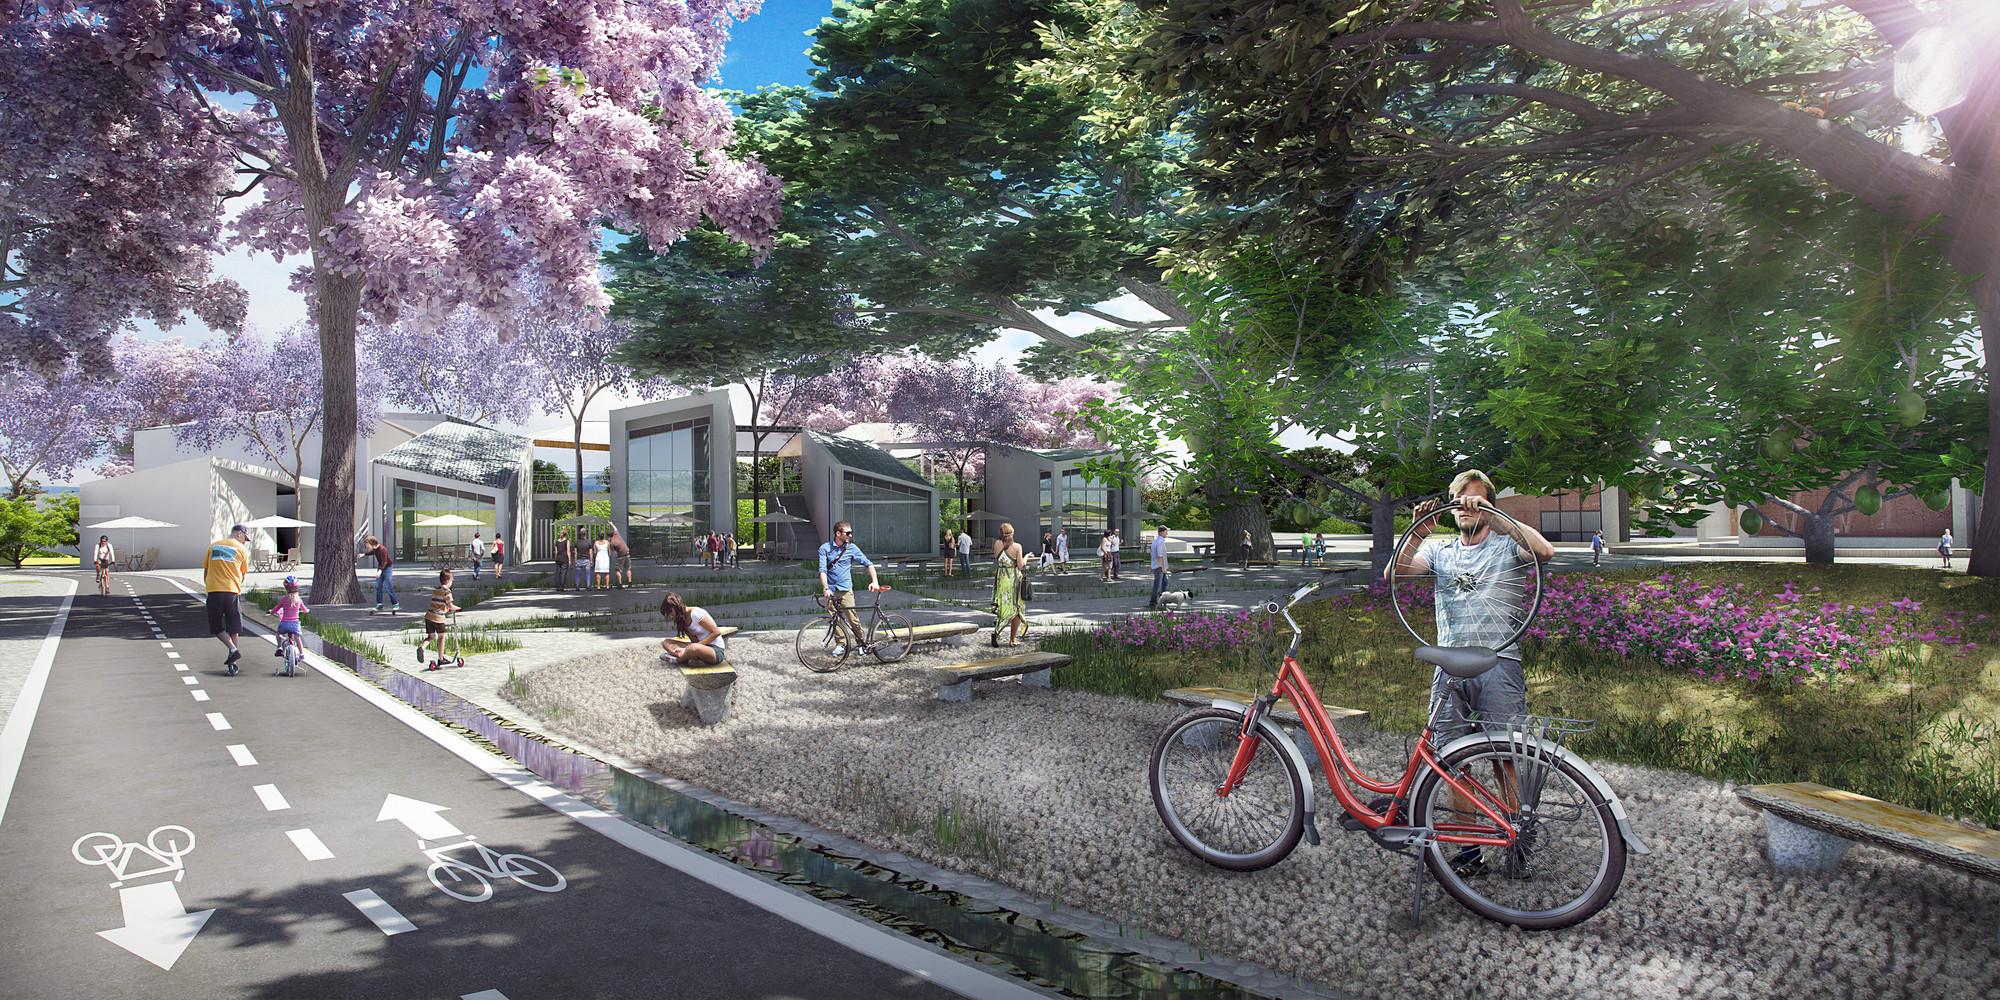 Primer Lugar Concurso Parque de Ciudad-Neiva / Colombia, Alameda El Curibano. Image Courtesy of Obraestudio + Riqueza